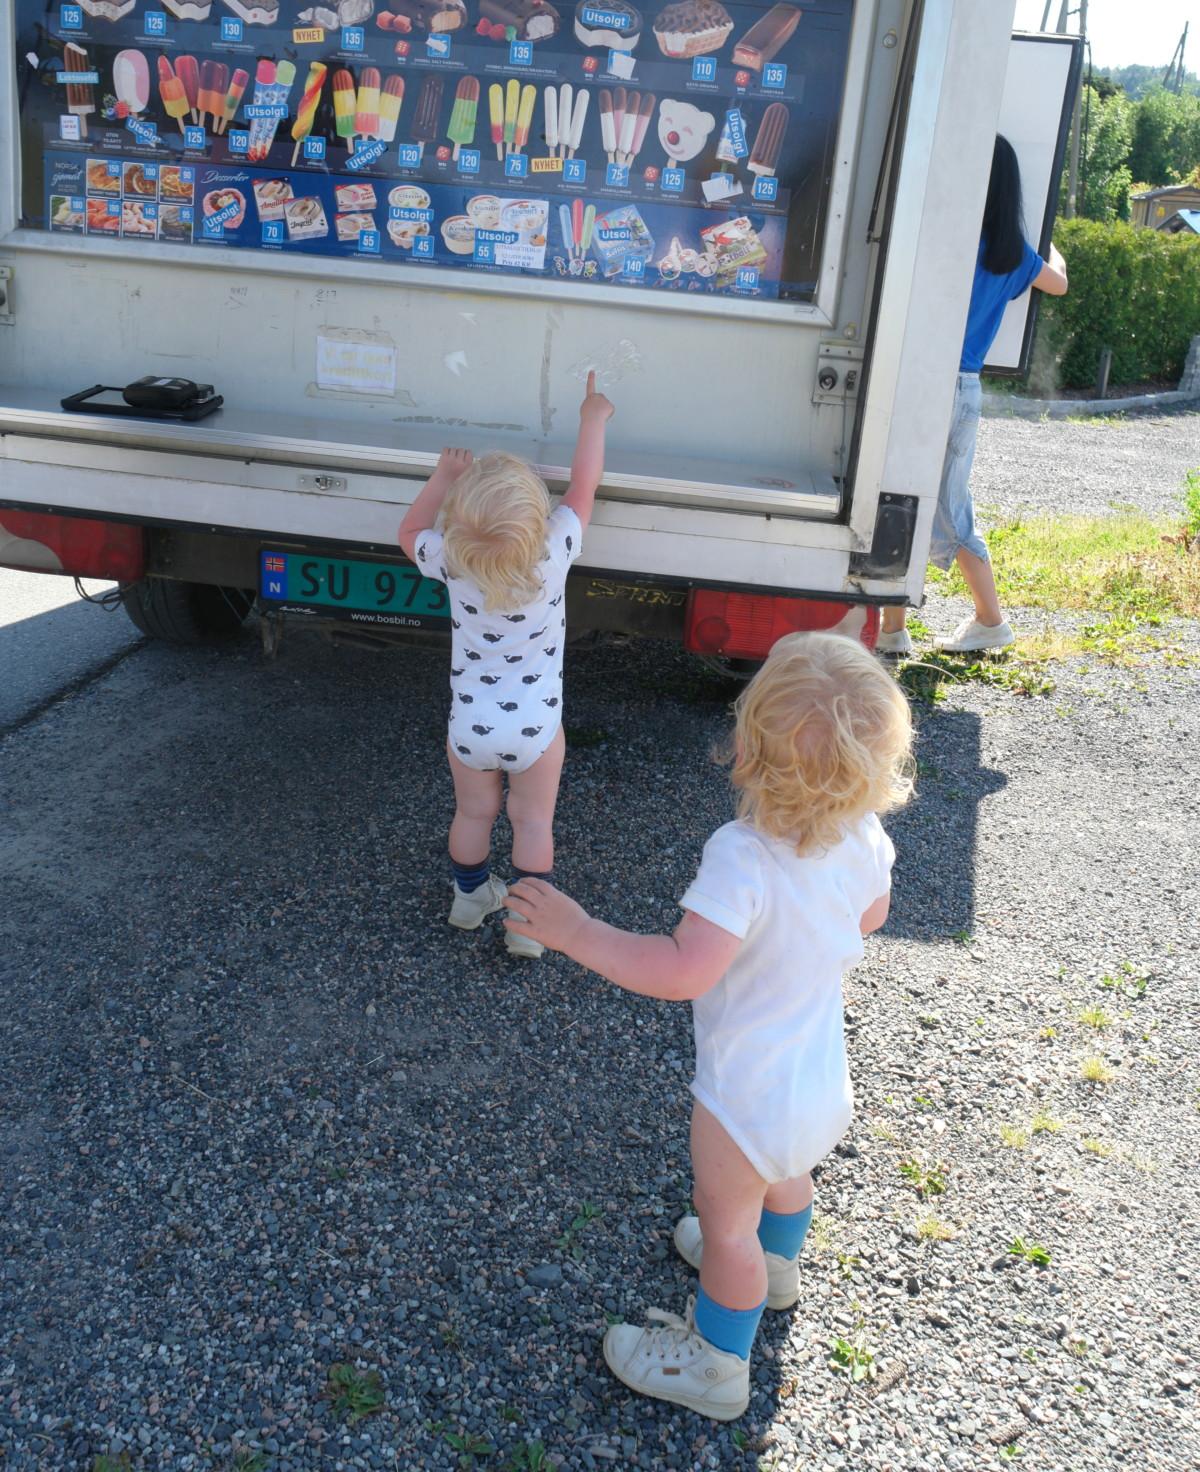 tvillinger på to år står bak isbilen og velger is